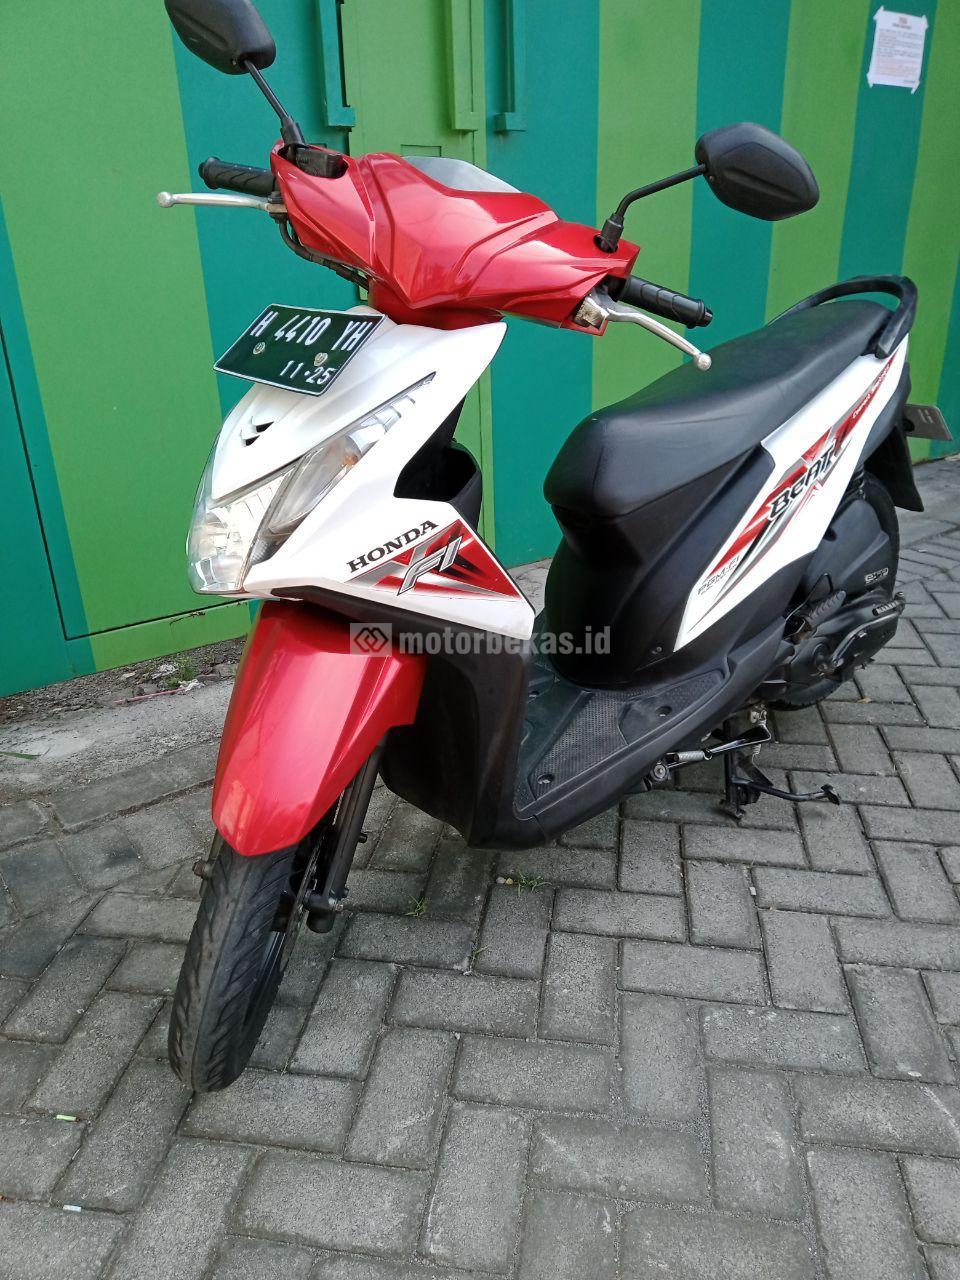 HONDA BEAT FI 2990 motorbekas.id